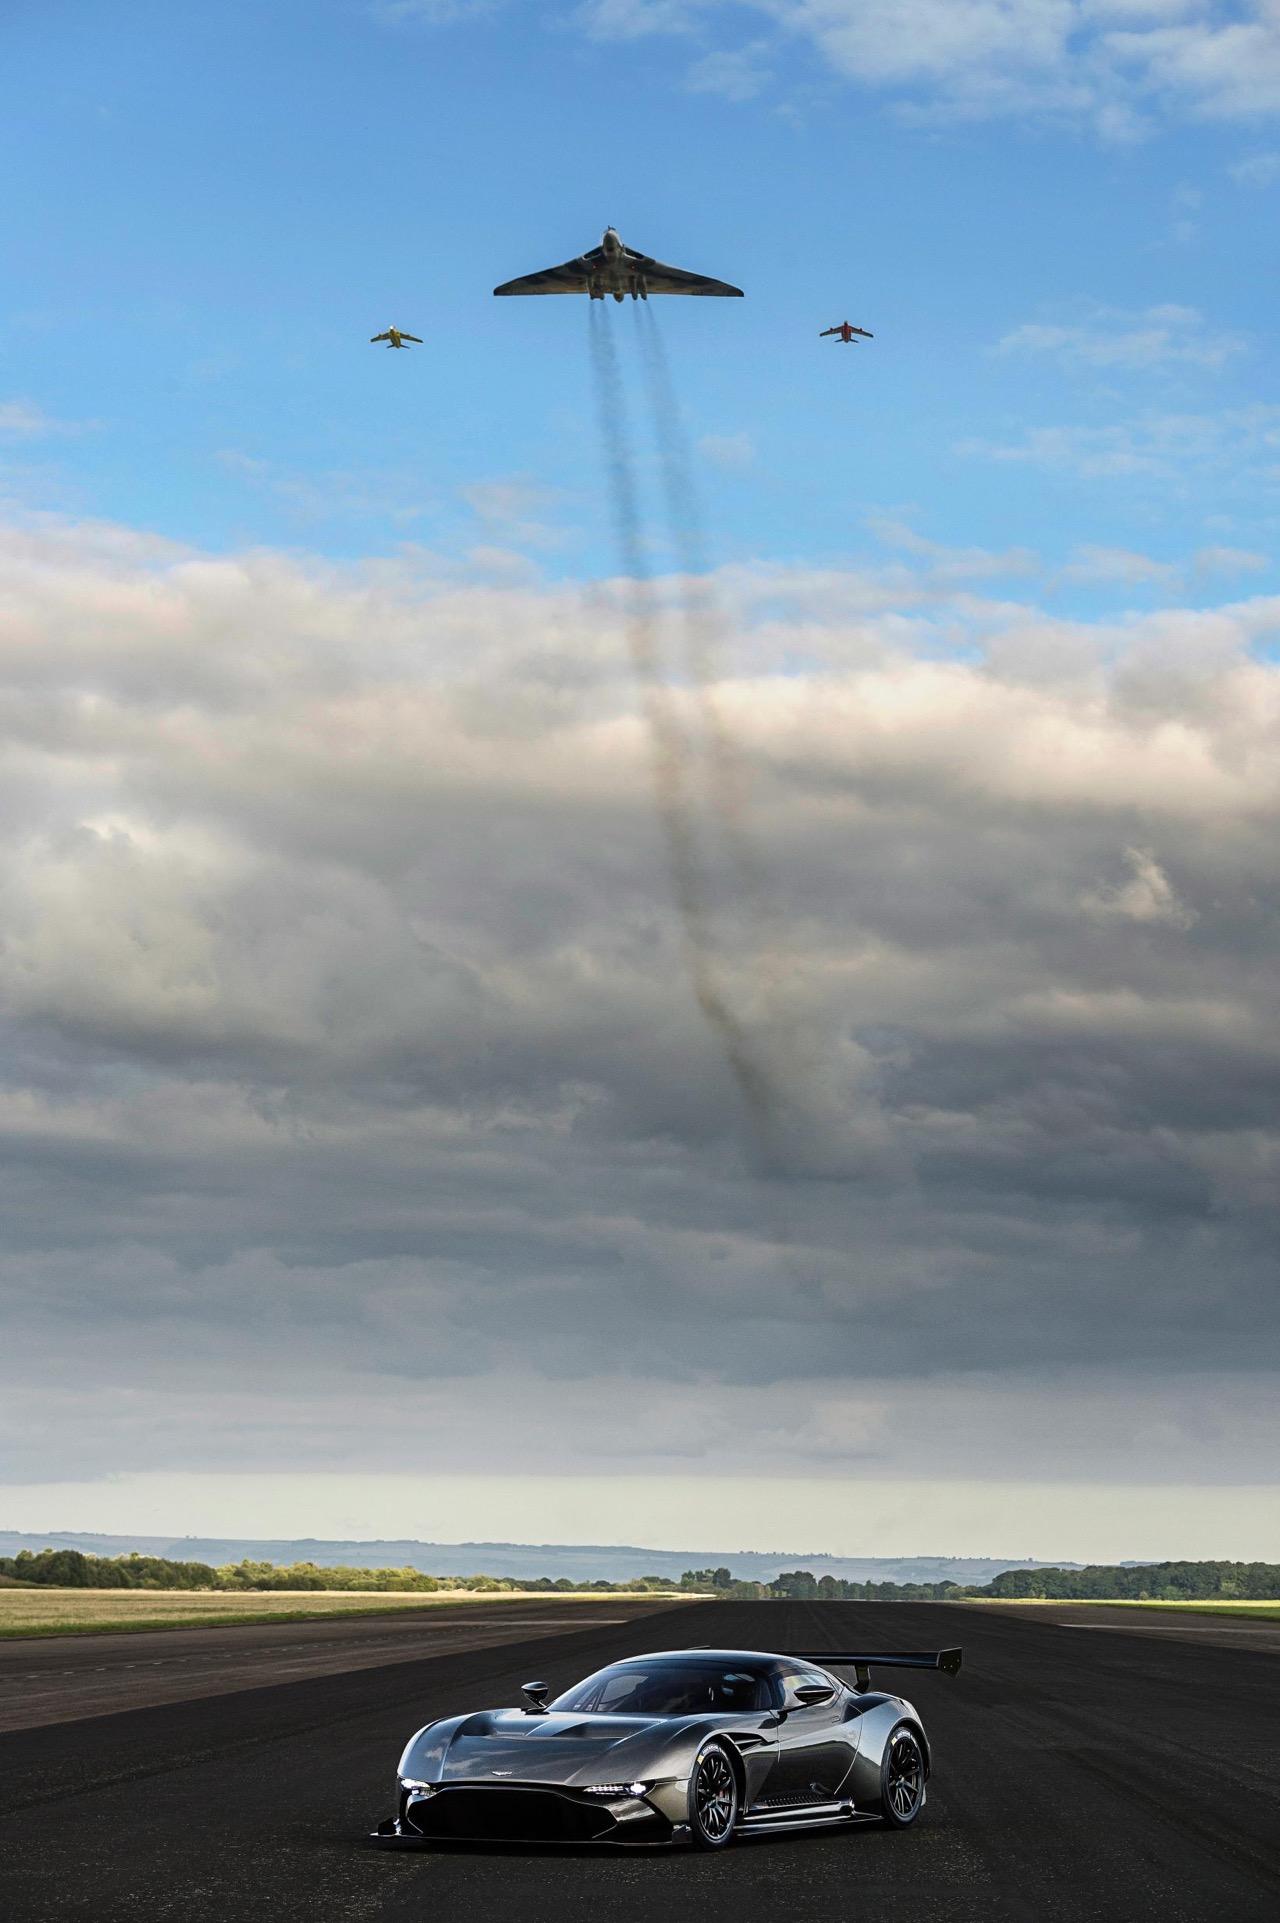 Der letzte Avro Vulcan fliegt über den Aston Martin Vulcan 4 - Aston Martin Vulcan trifft auf Avro Vulcan - coole Aktion!